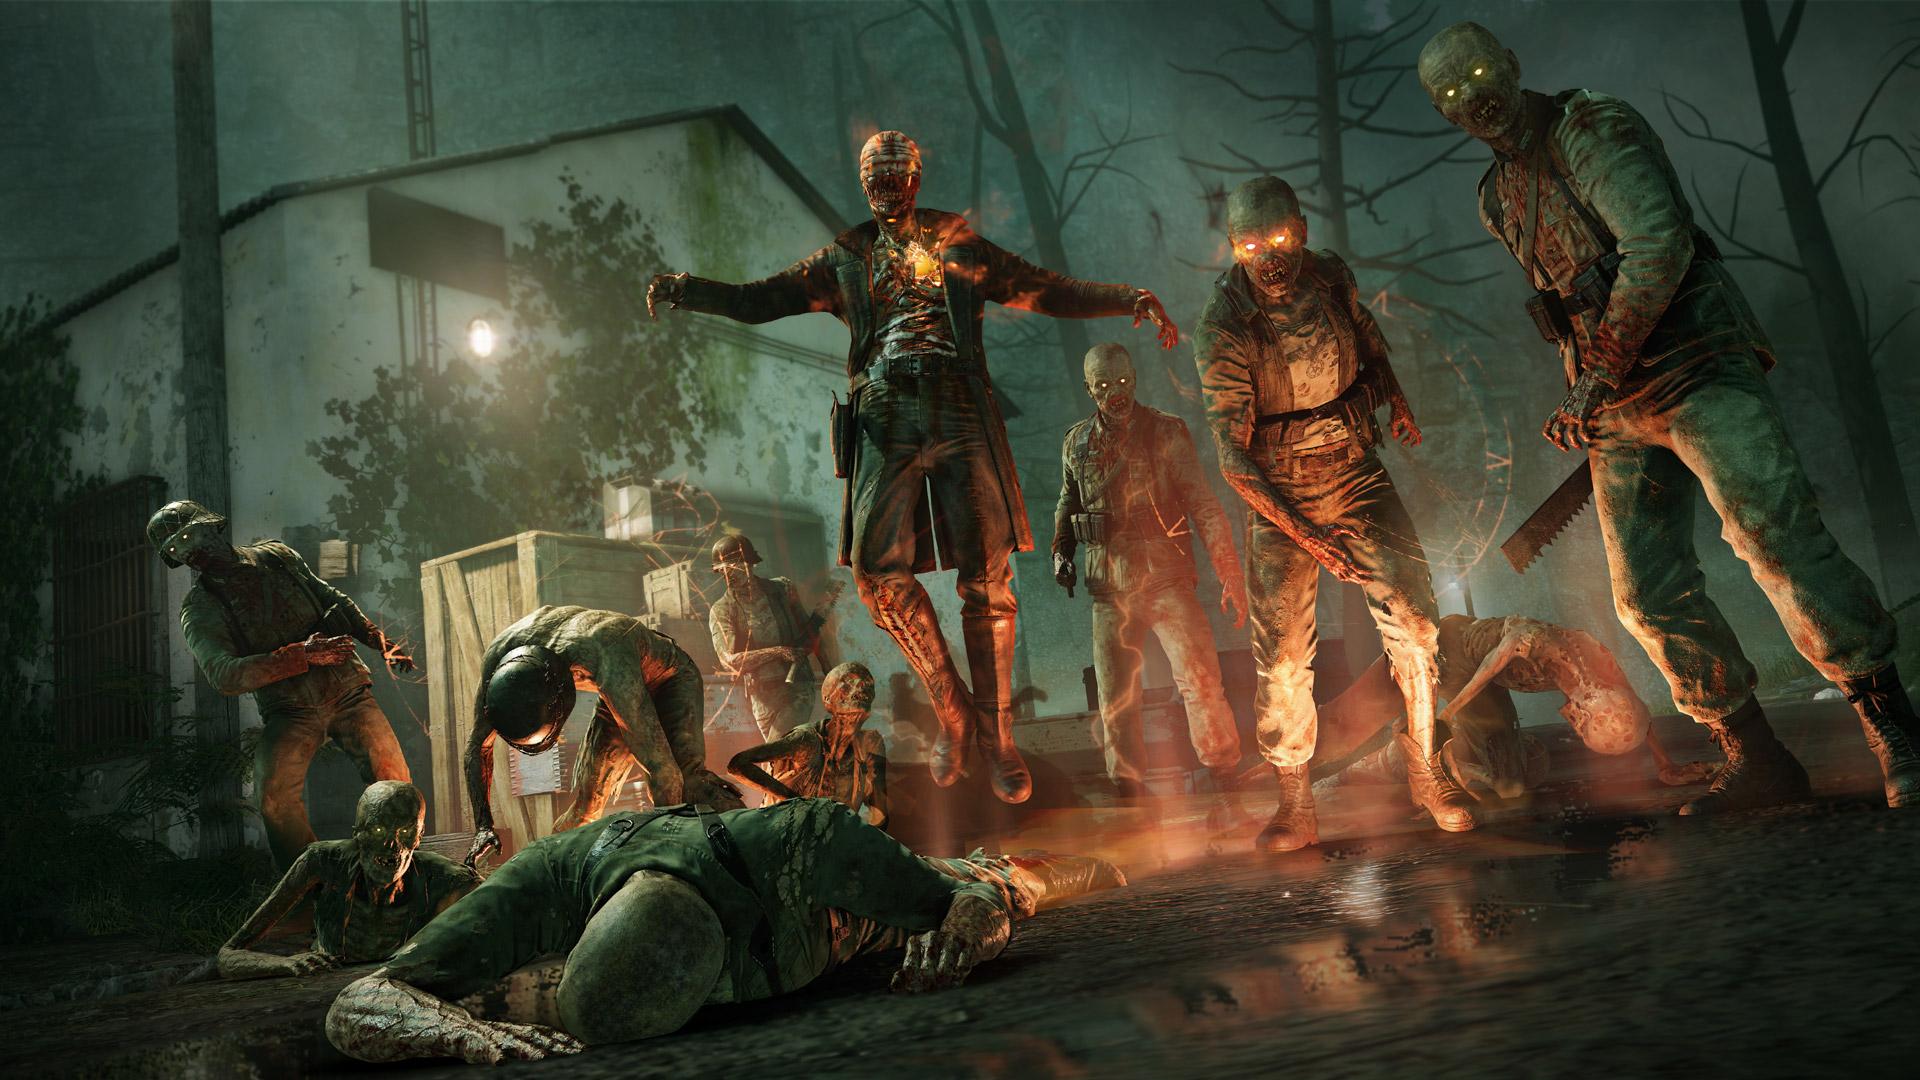 Free Zombie Army 4: Dead War Wallpaper in 1920x1080